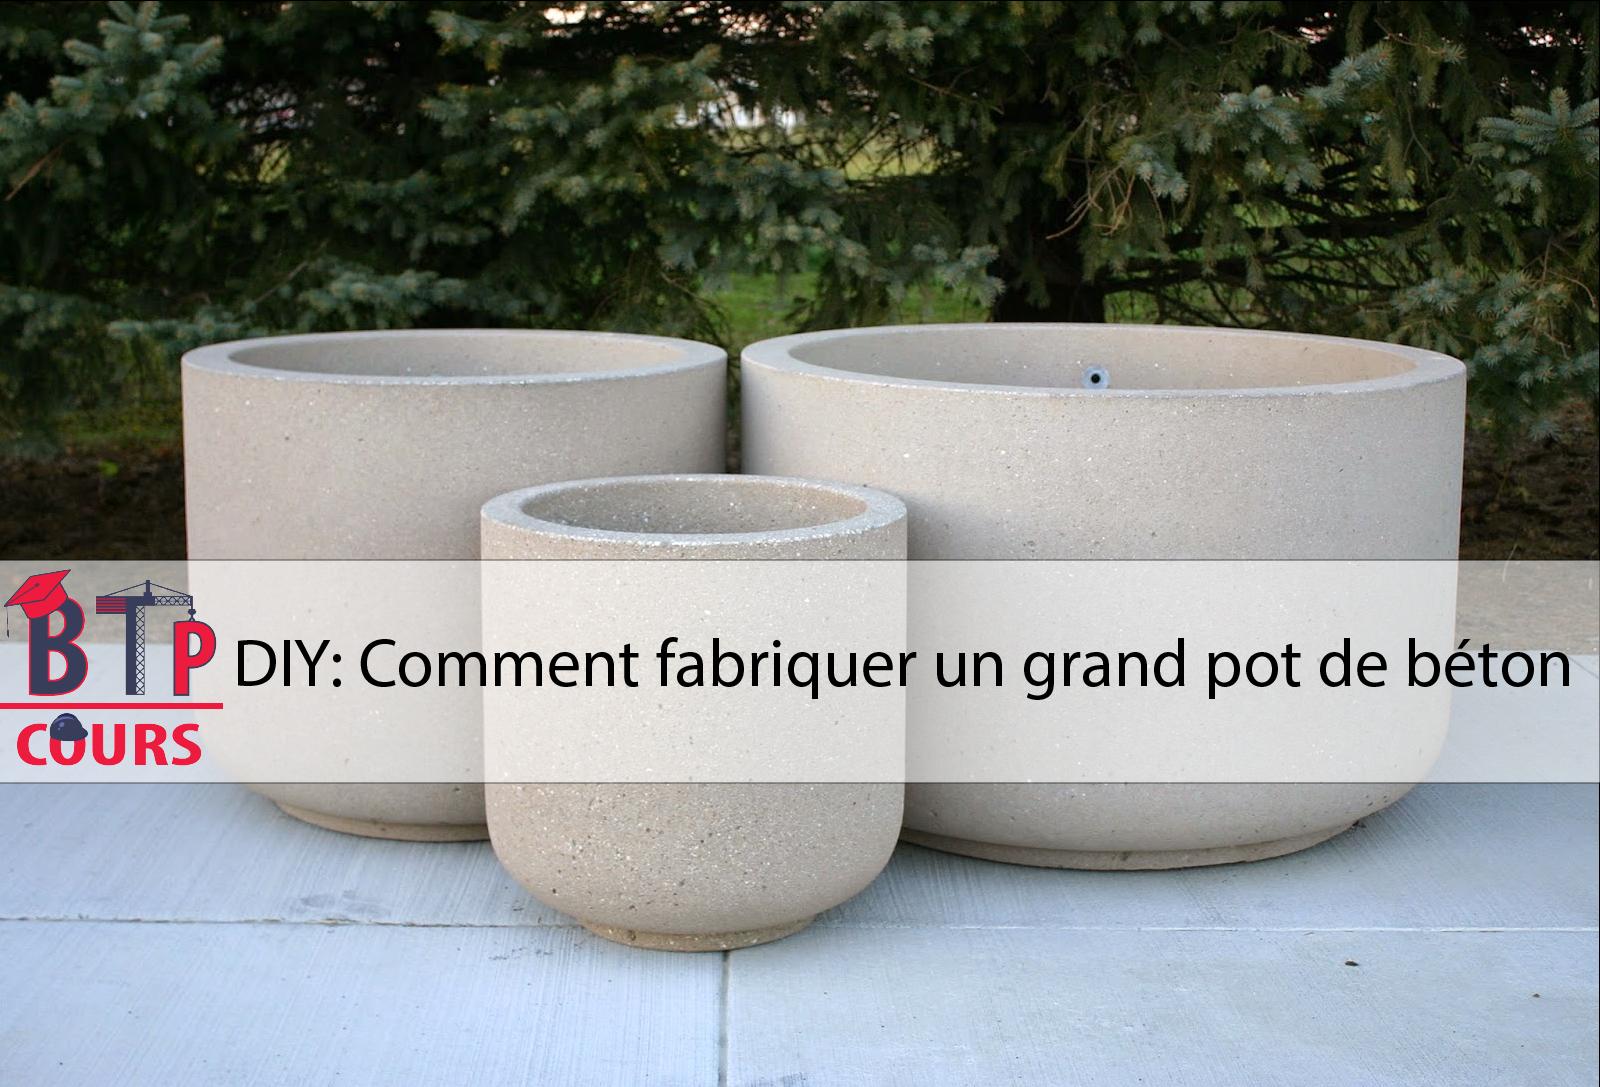 Comment Fabriquer Une Terrasse En Beton diy: comment fabriquer un grand pot de béton | cours btp